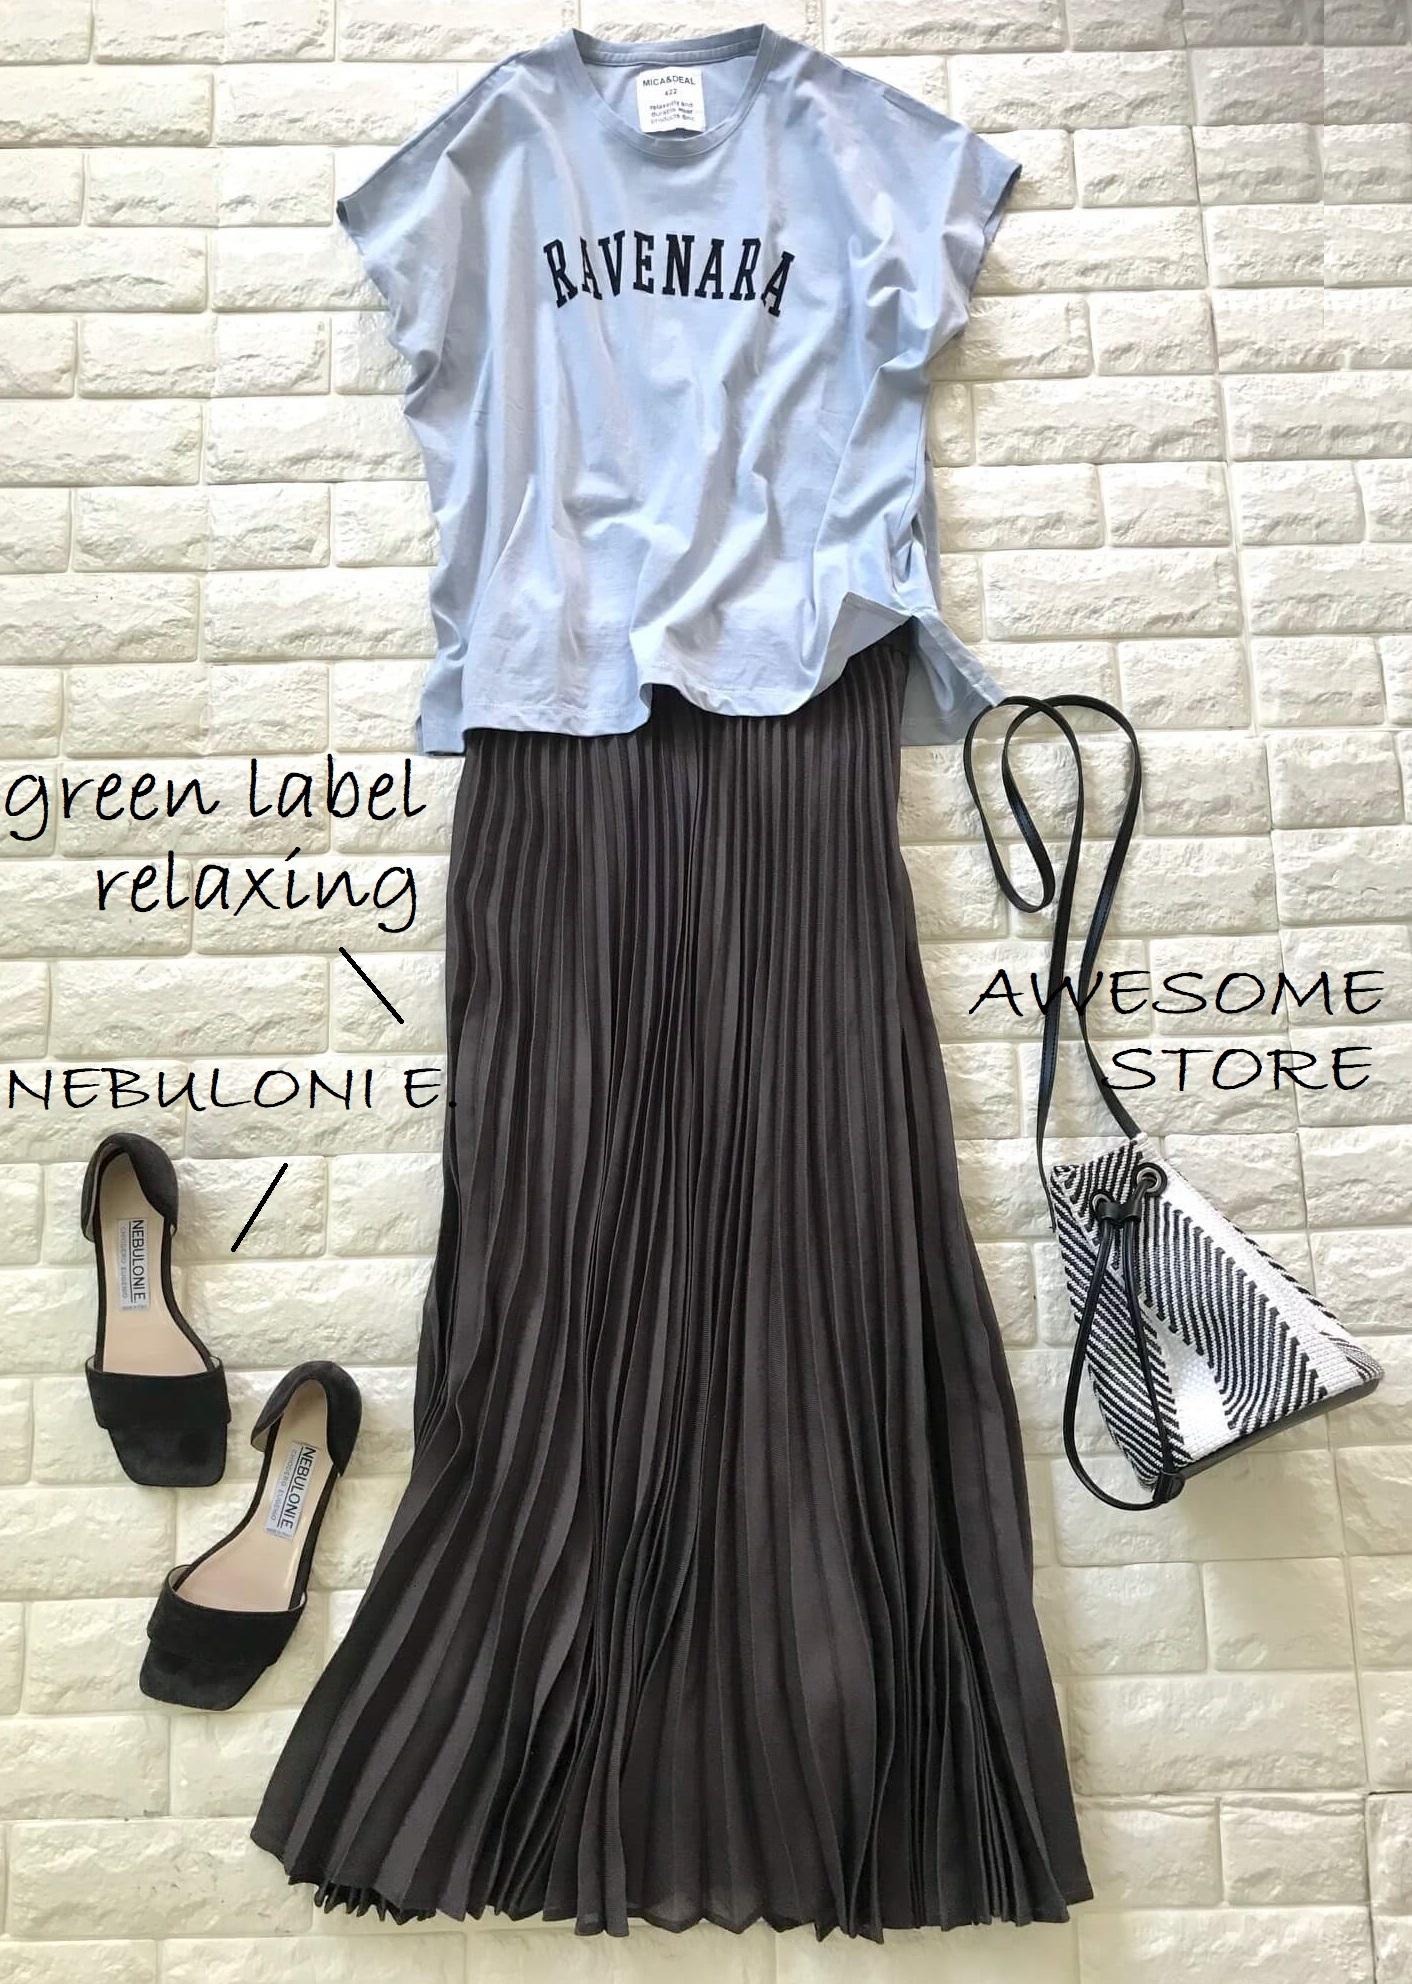 MICA&DEALのTシャツとブラウンのスカートを合わせた画像